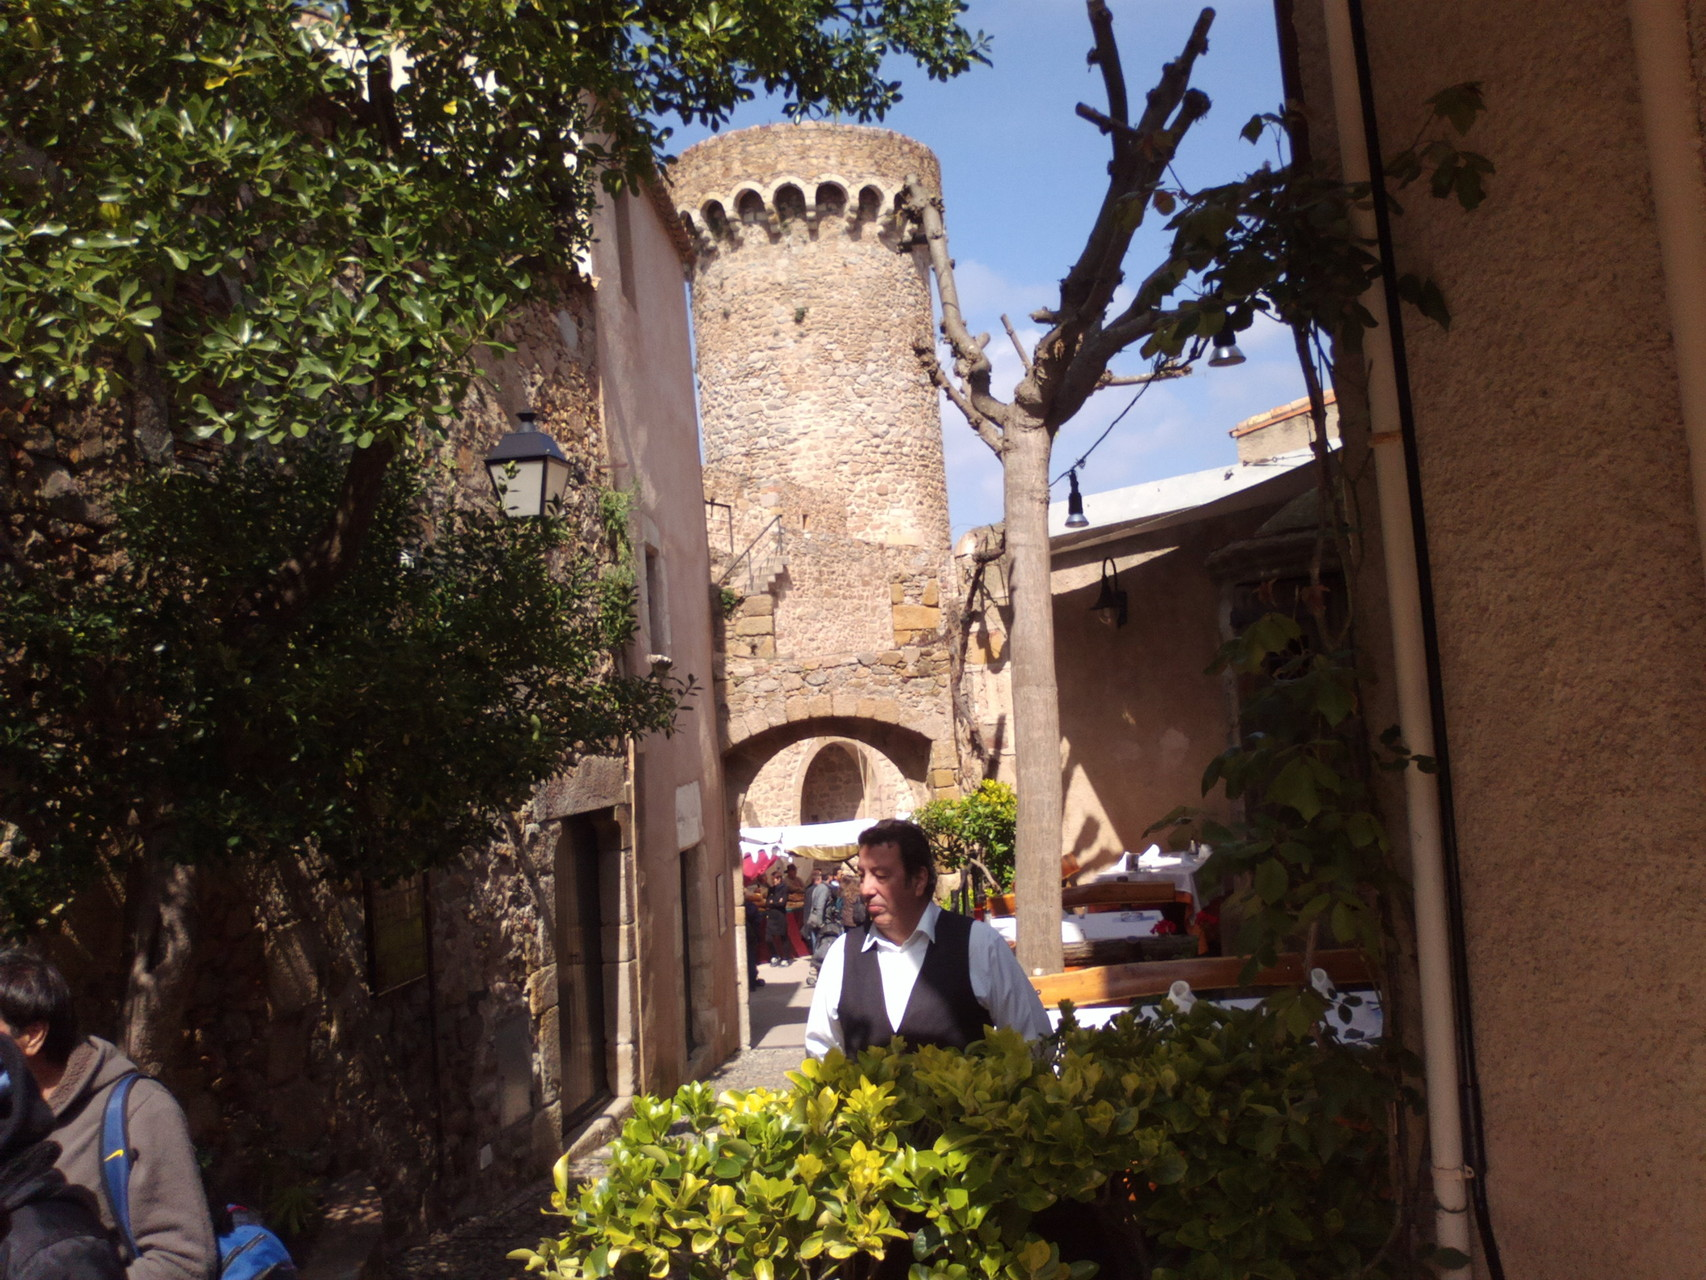 ciudad histórica de Tossa de Mar